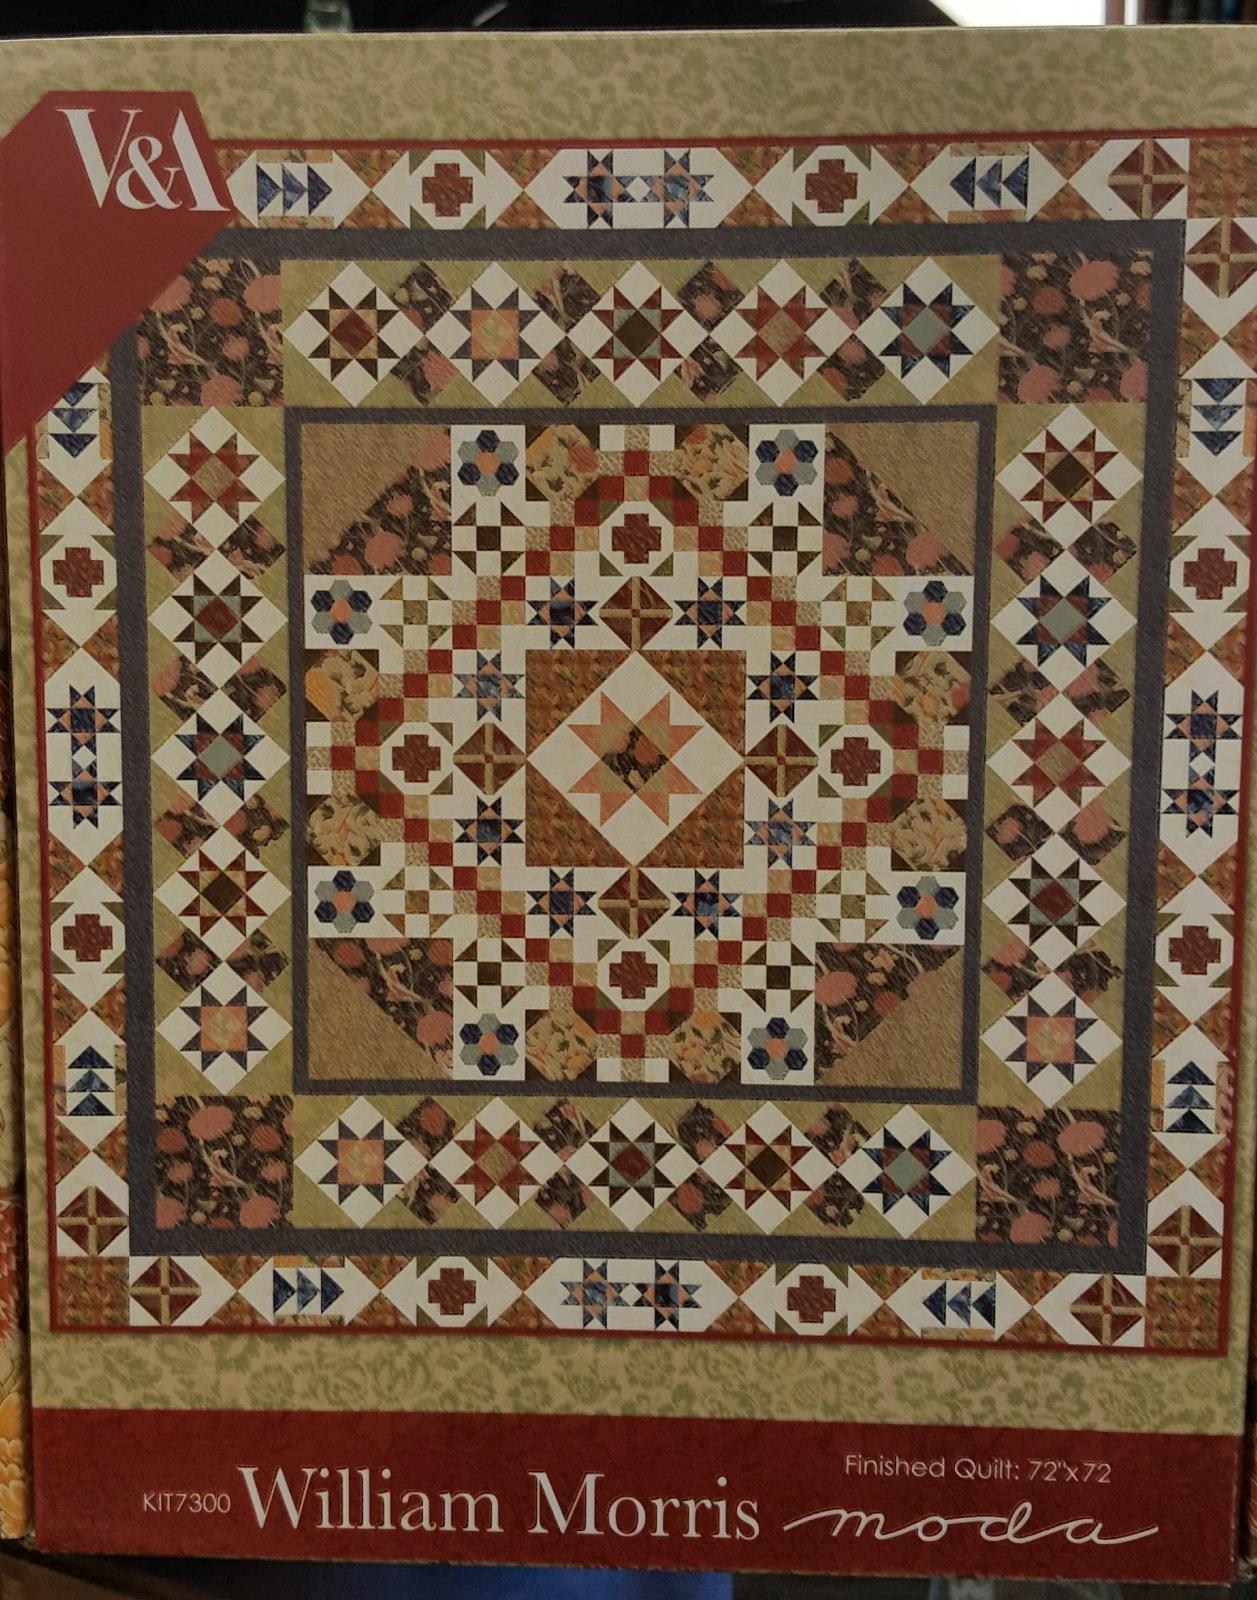 William Morris KIT7300